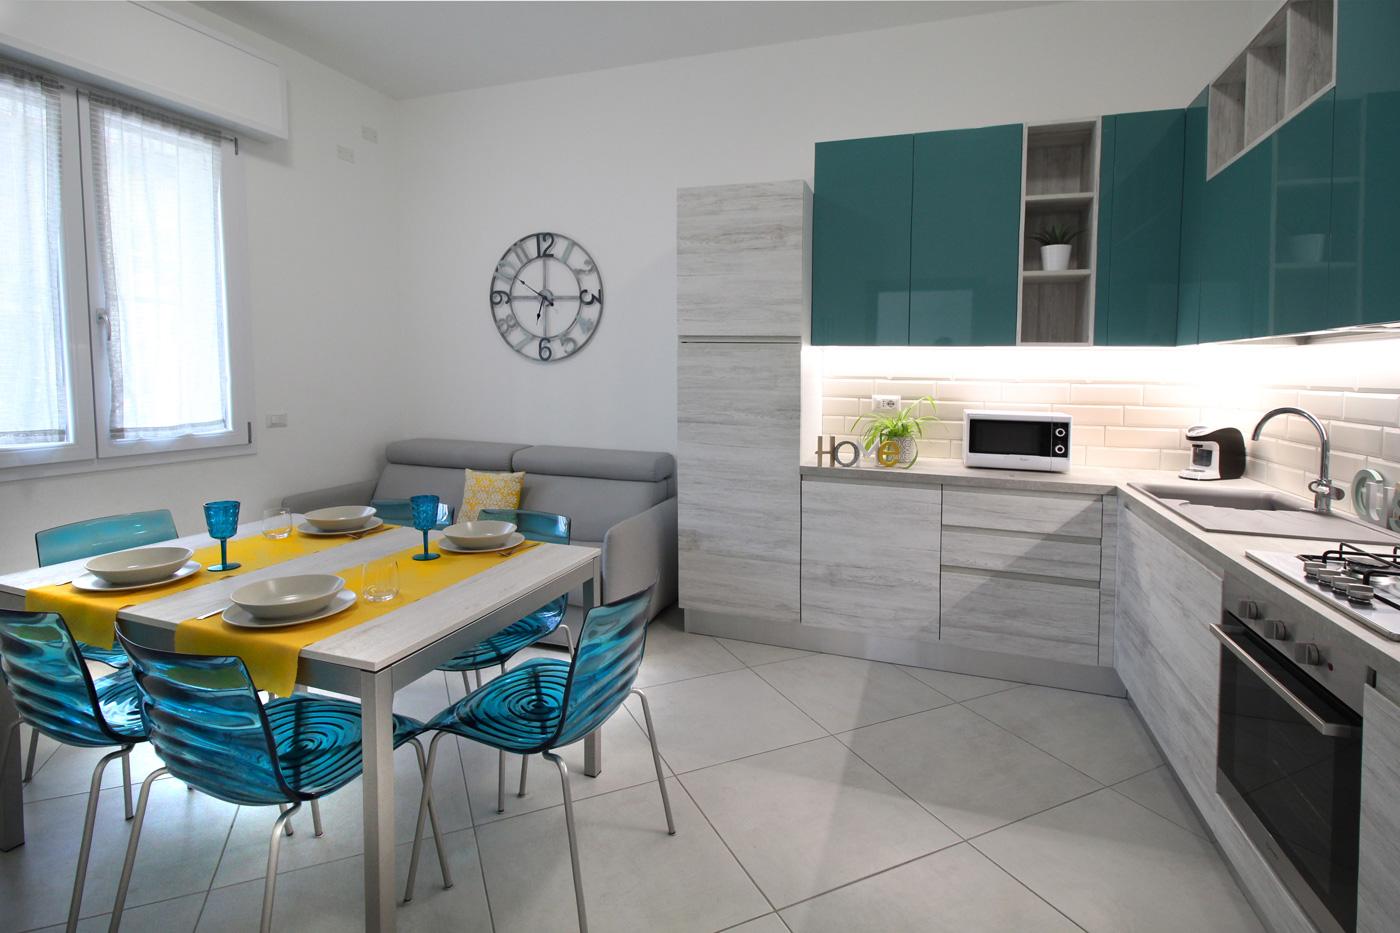 Appartamento samantha_Romagna case vacanze_IMG_7342